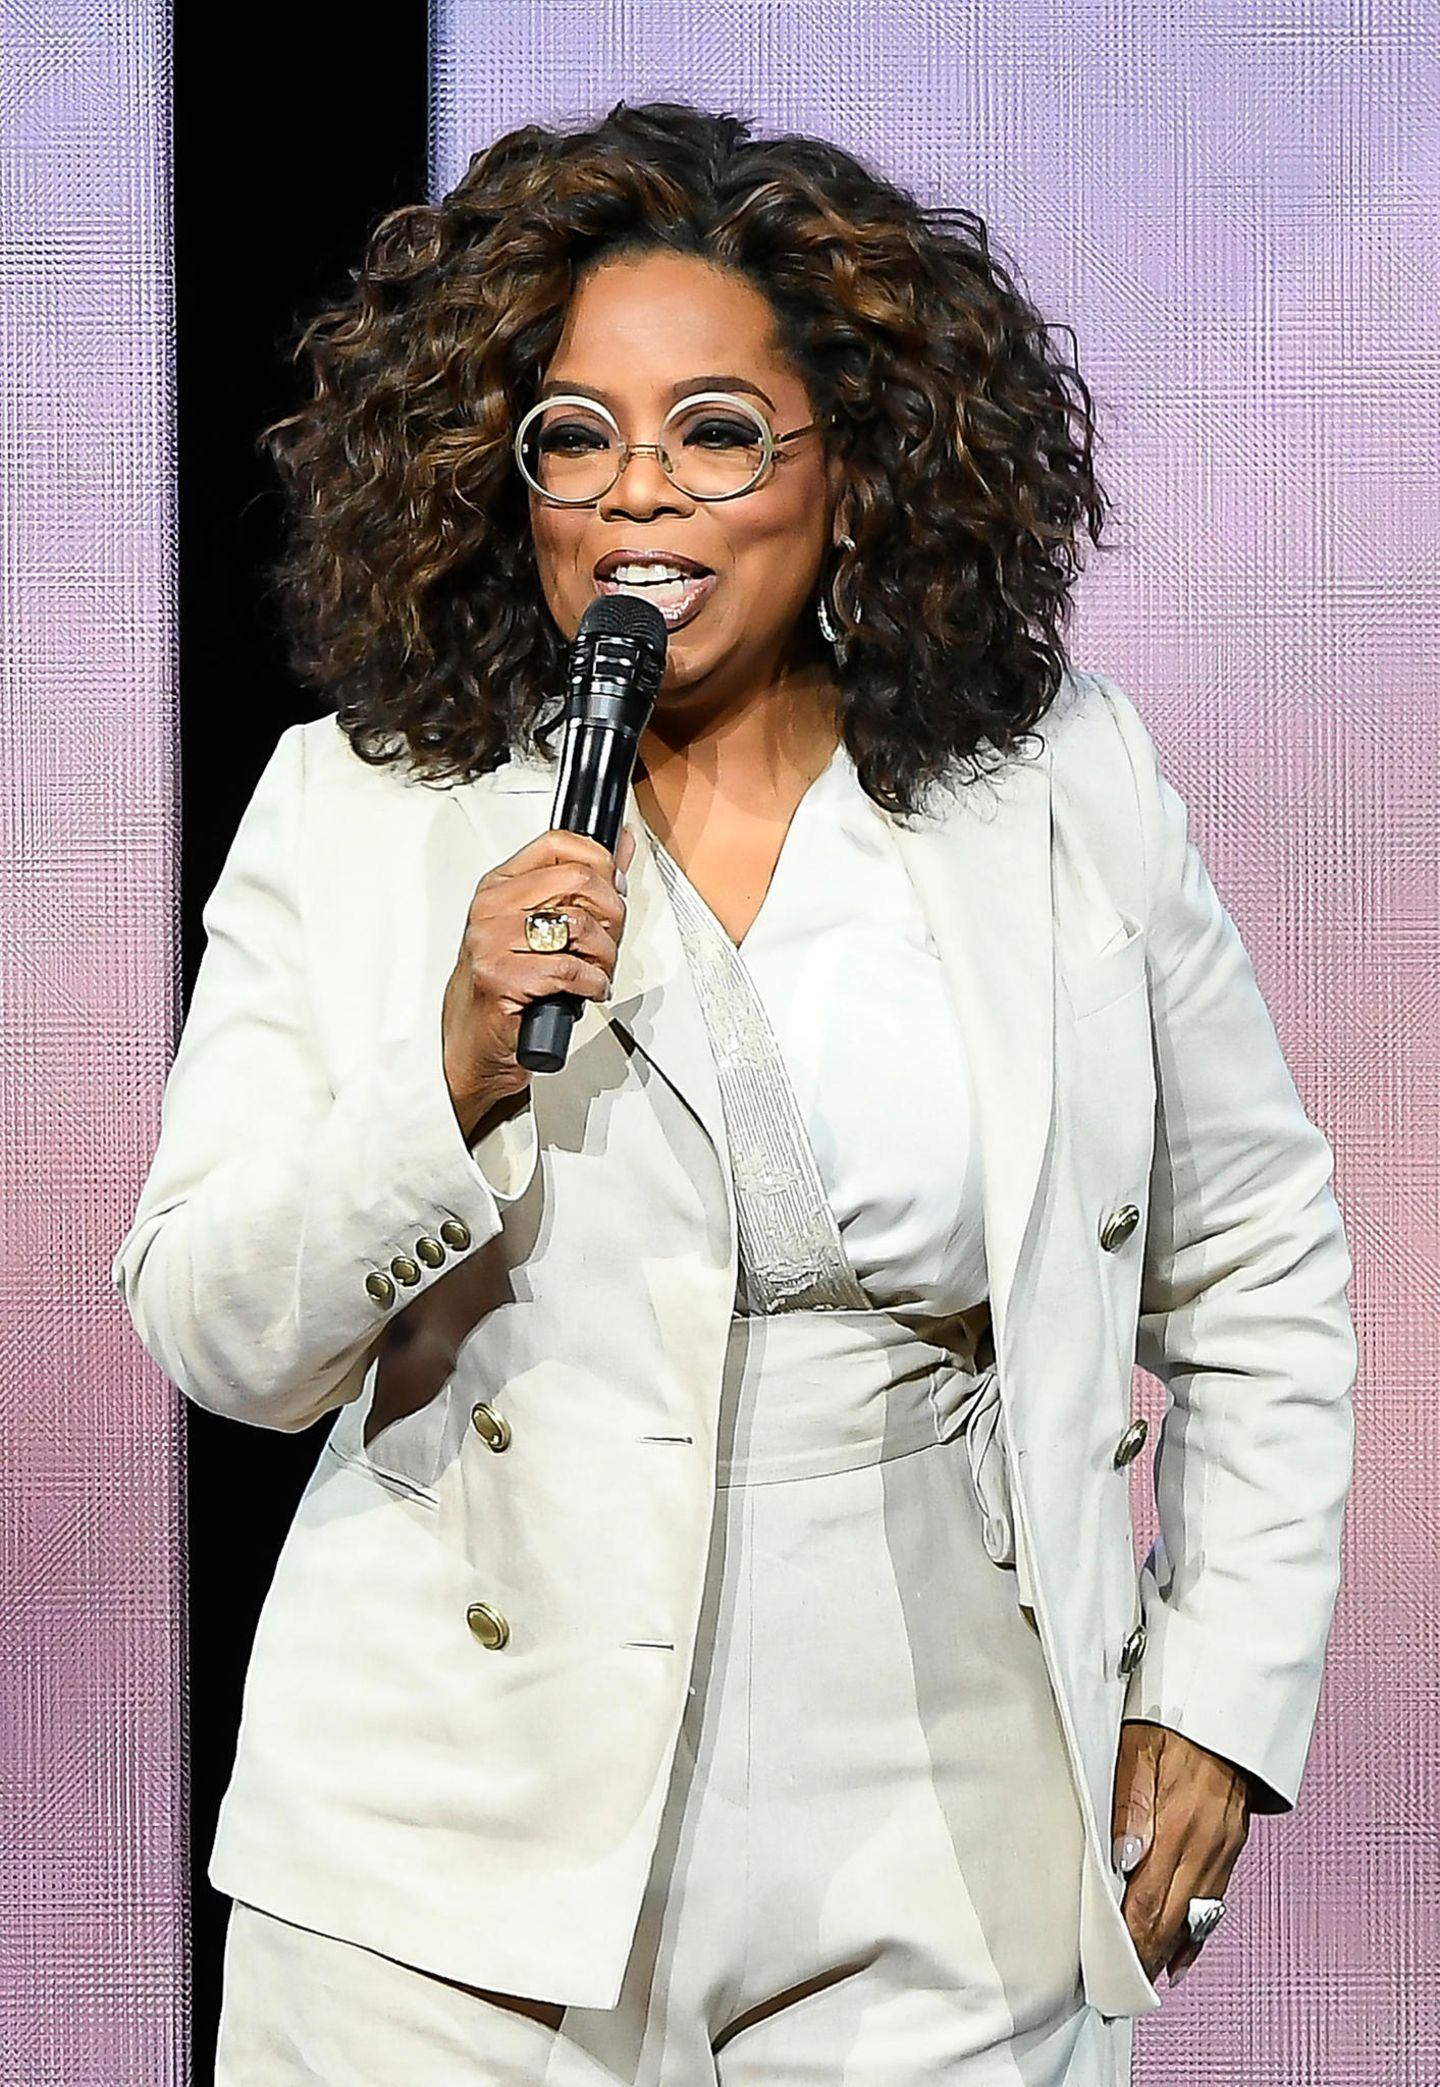 Kinderfotos der Stars: Oprah Winfrey